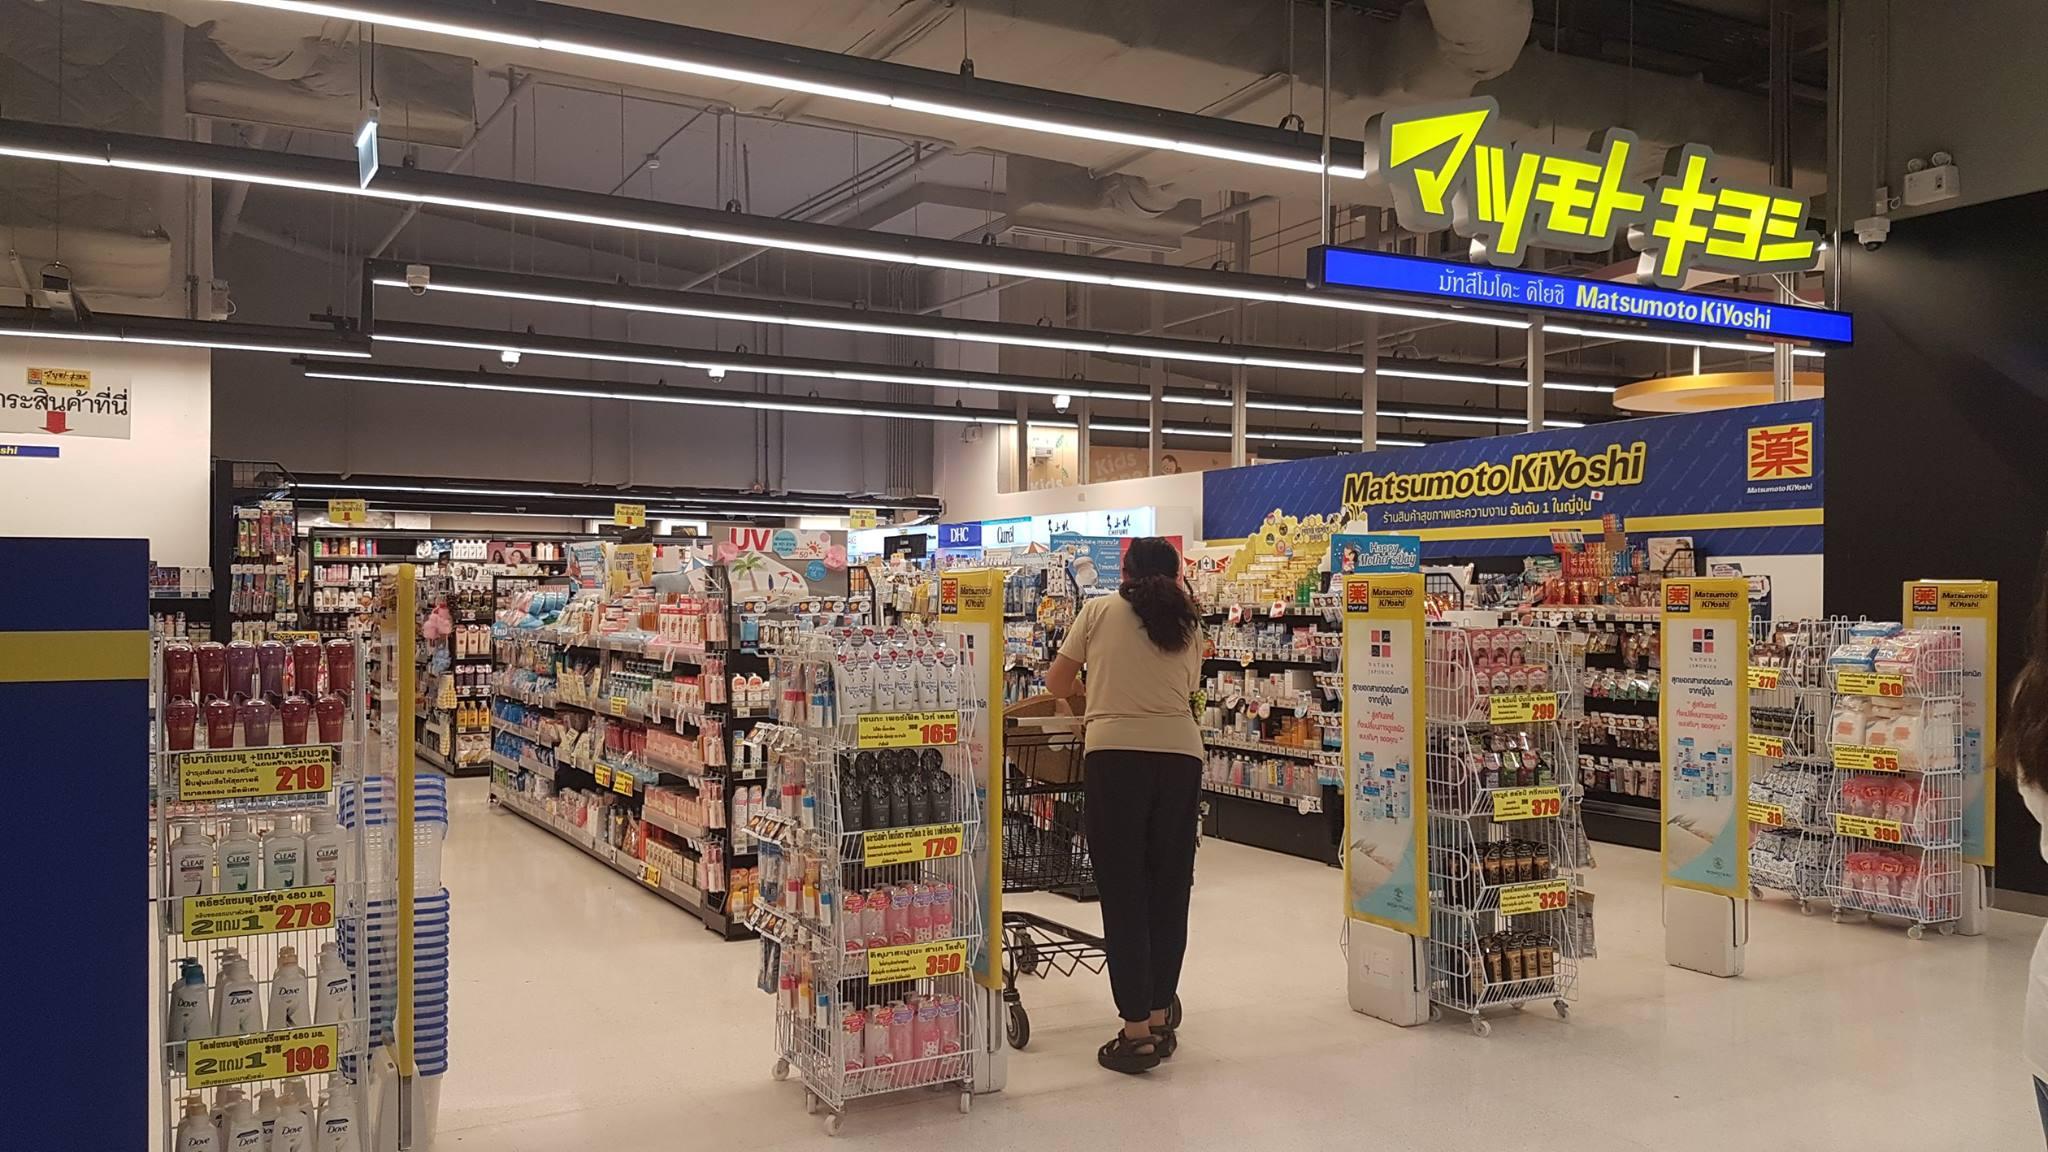 ร้านขายสินค้าญี่ปุ่นในไทย